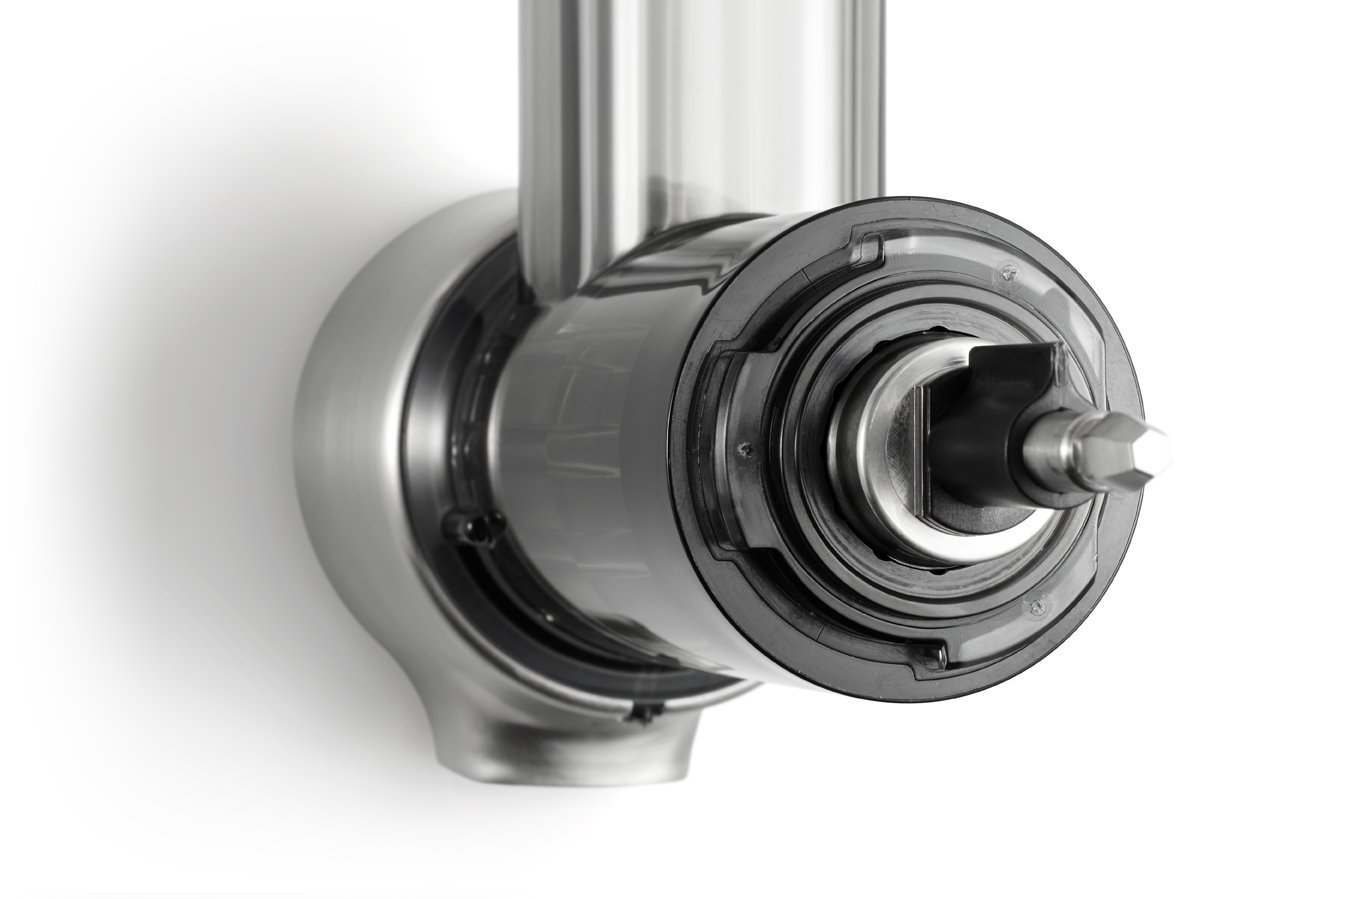 Philips Estrattori Microjuicer HR1894/80 Estrattore di Succo con Tecnologia Micro Masticating per cogliere Tutta la polpa di Frutta e Verdura, Bianco - 2021 -